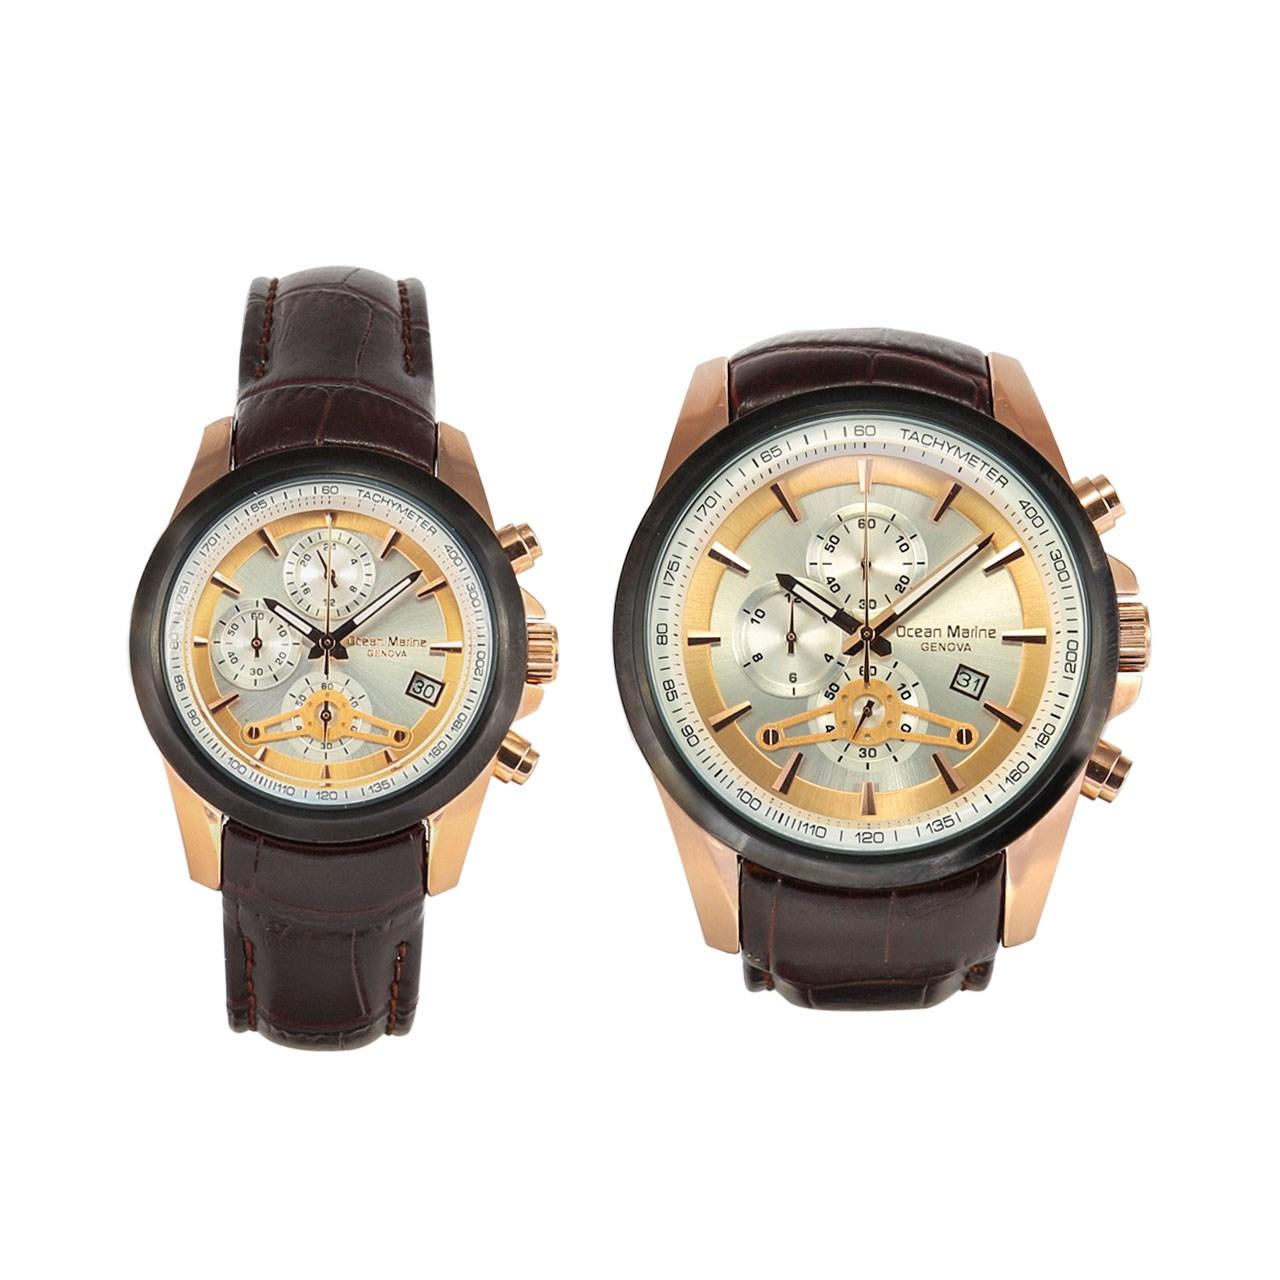 ساعت ست مردانه و زنانه اوشن مارین مدل OM-8102L-2 و OM-8102G-2